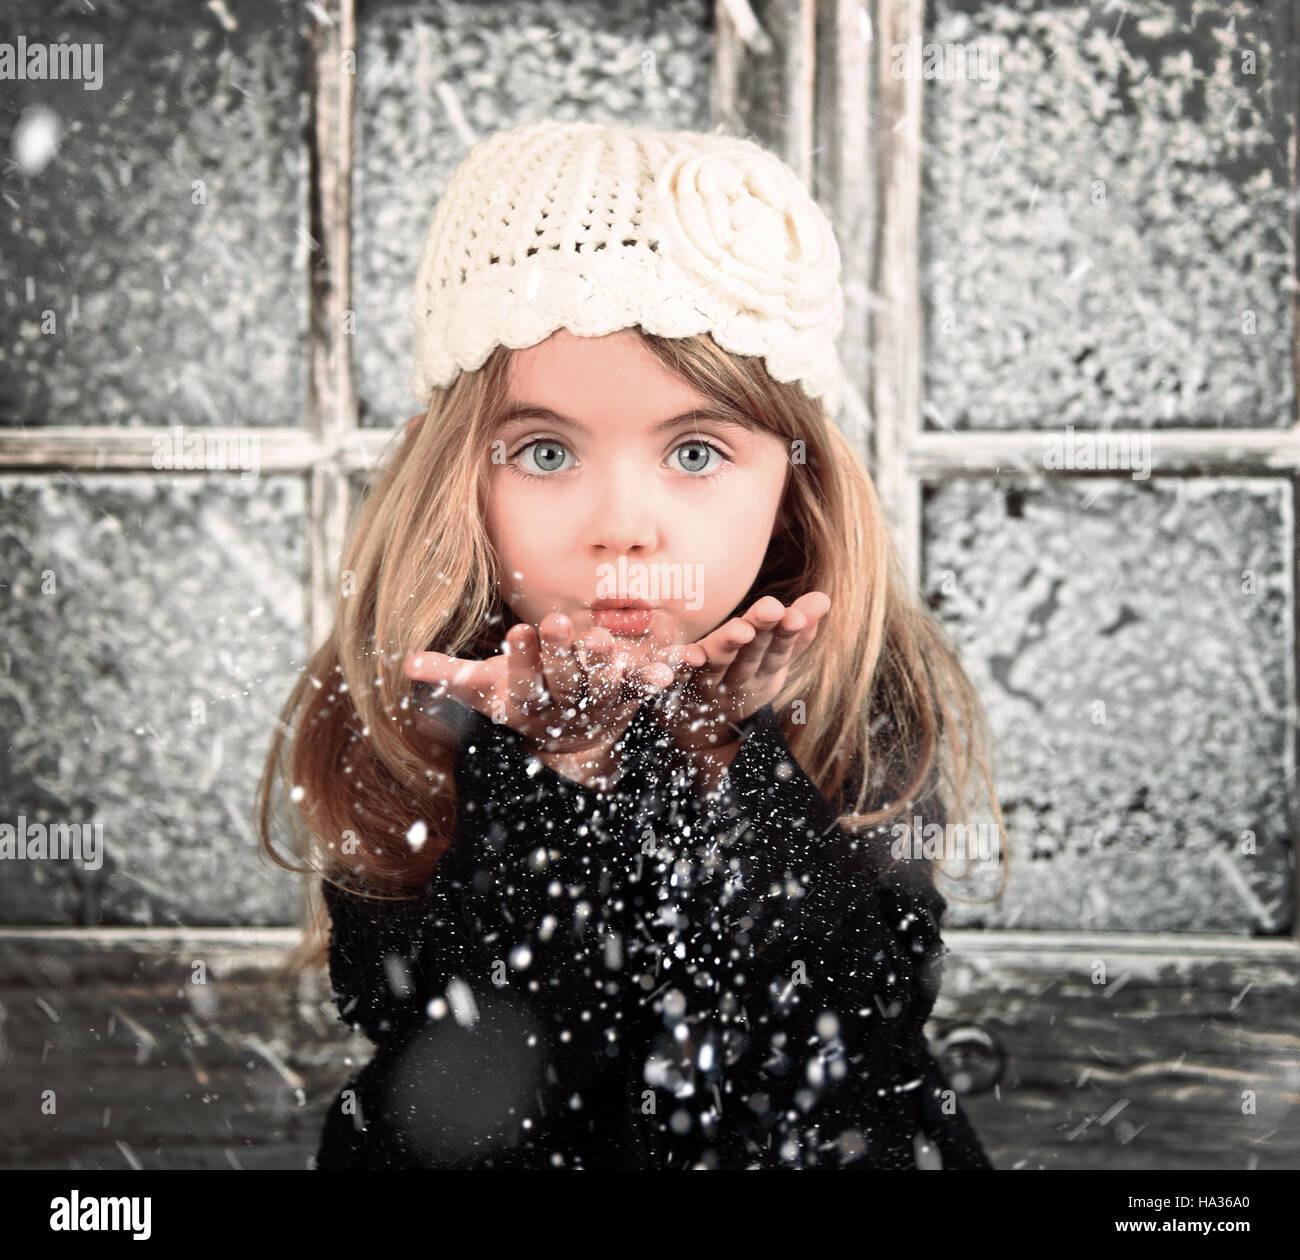 Un jeune enfant est blanc dans un souffle les flocons de l'hiver pour une scène d'arrière-plan ou de la saison de Noël de concept. Banque D'Images